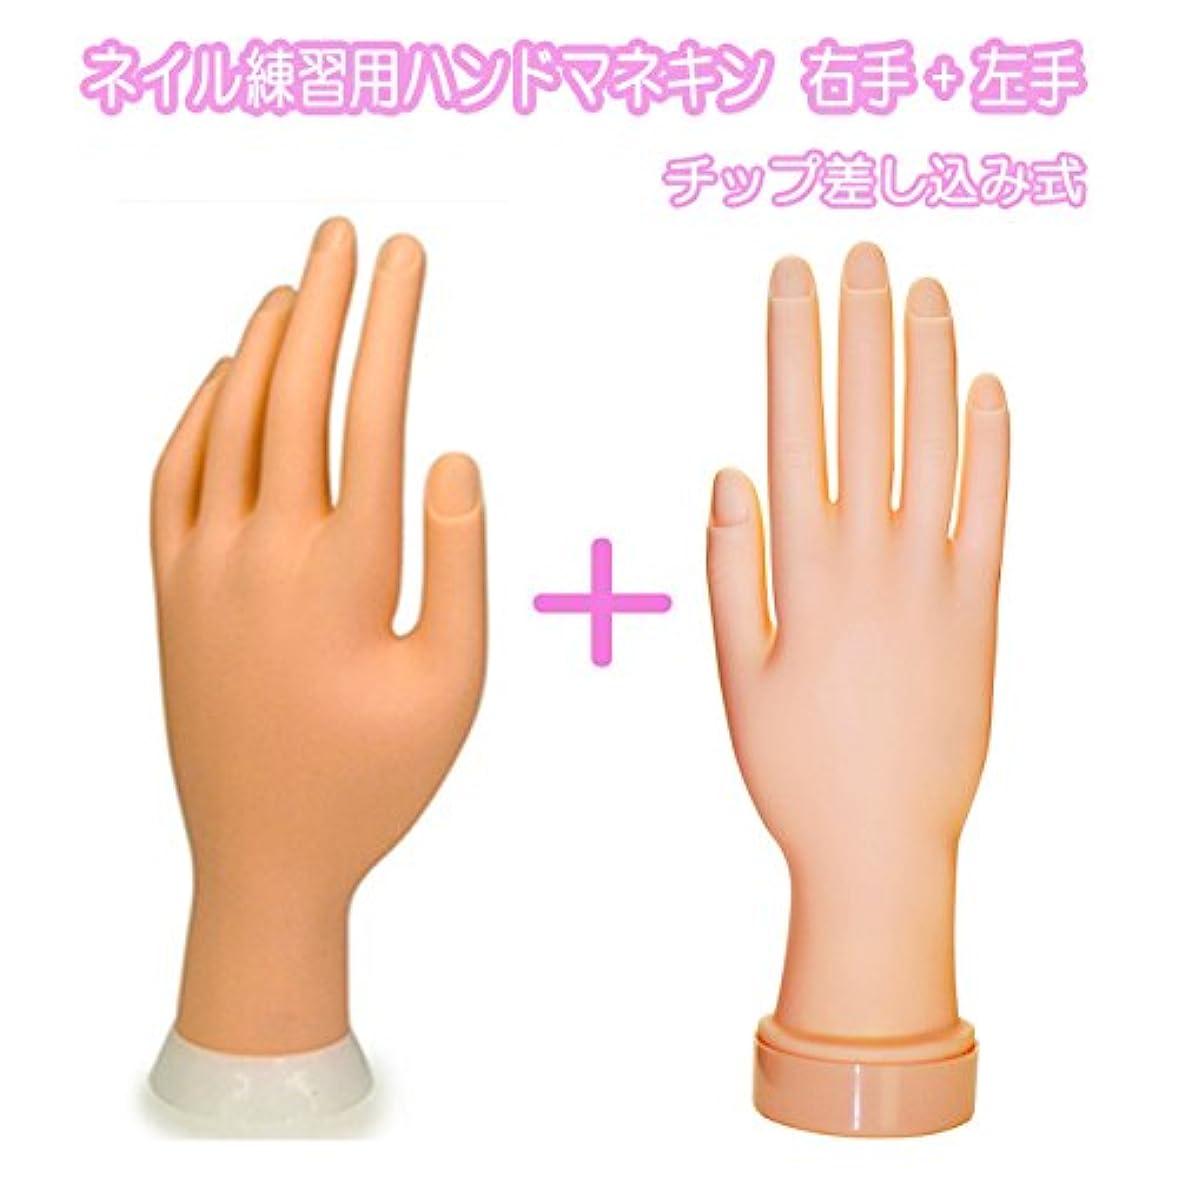 シュリンク習字真鍮【訳あり】ネイル練習用ハンドマネキン2個(右手/左手)/チップ差し込み式 (右手1個+左手1個)